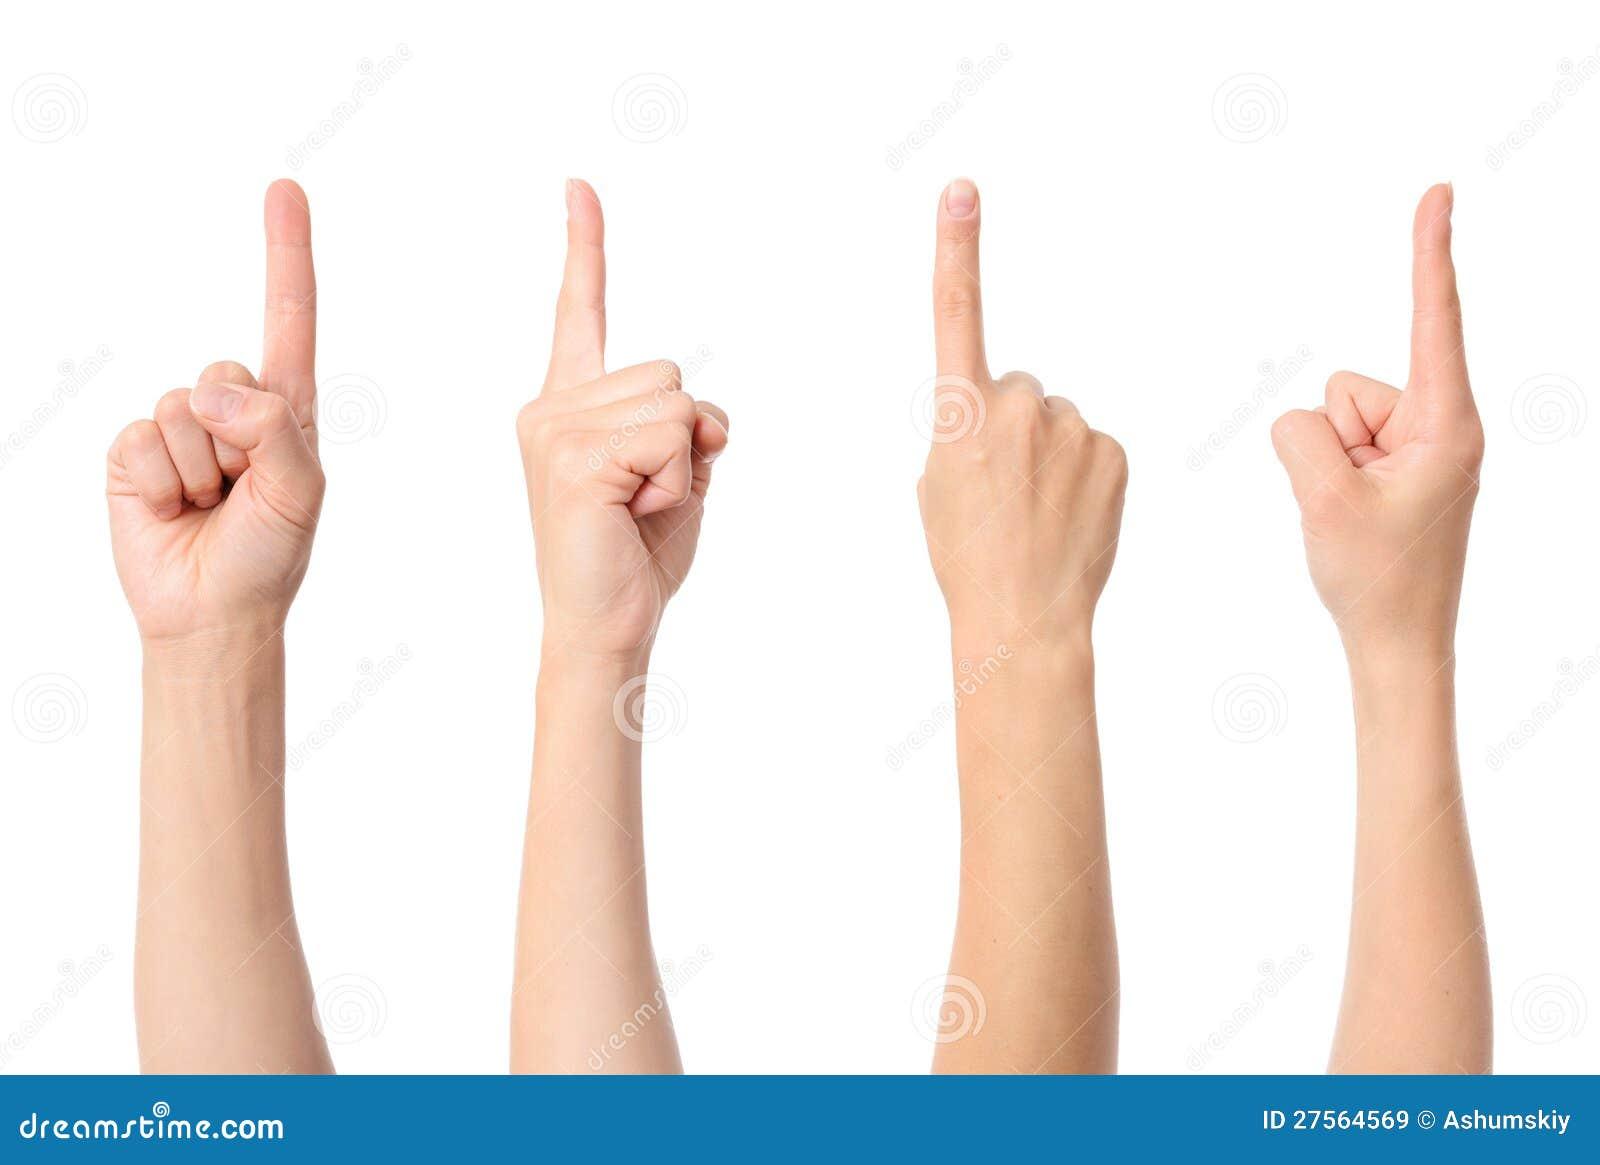 Apontar do dedo da mão